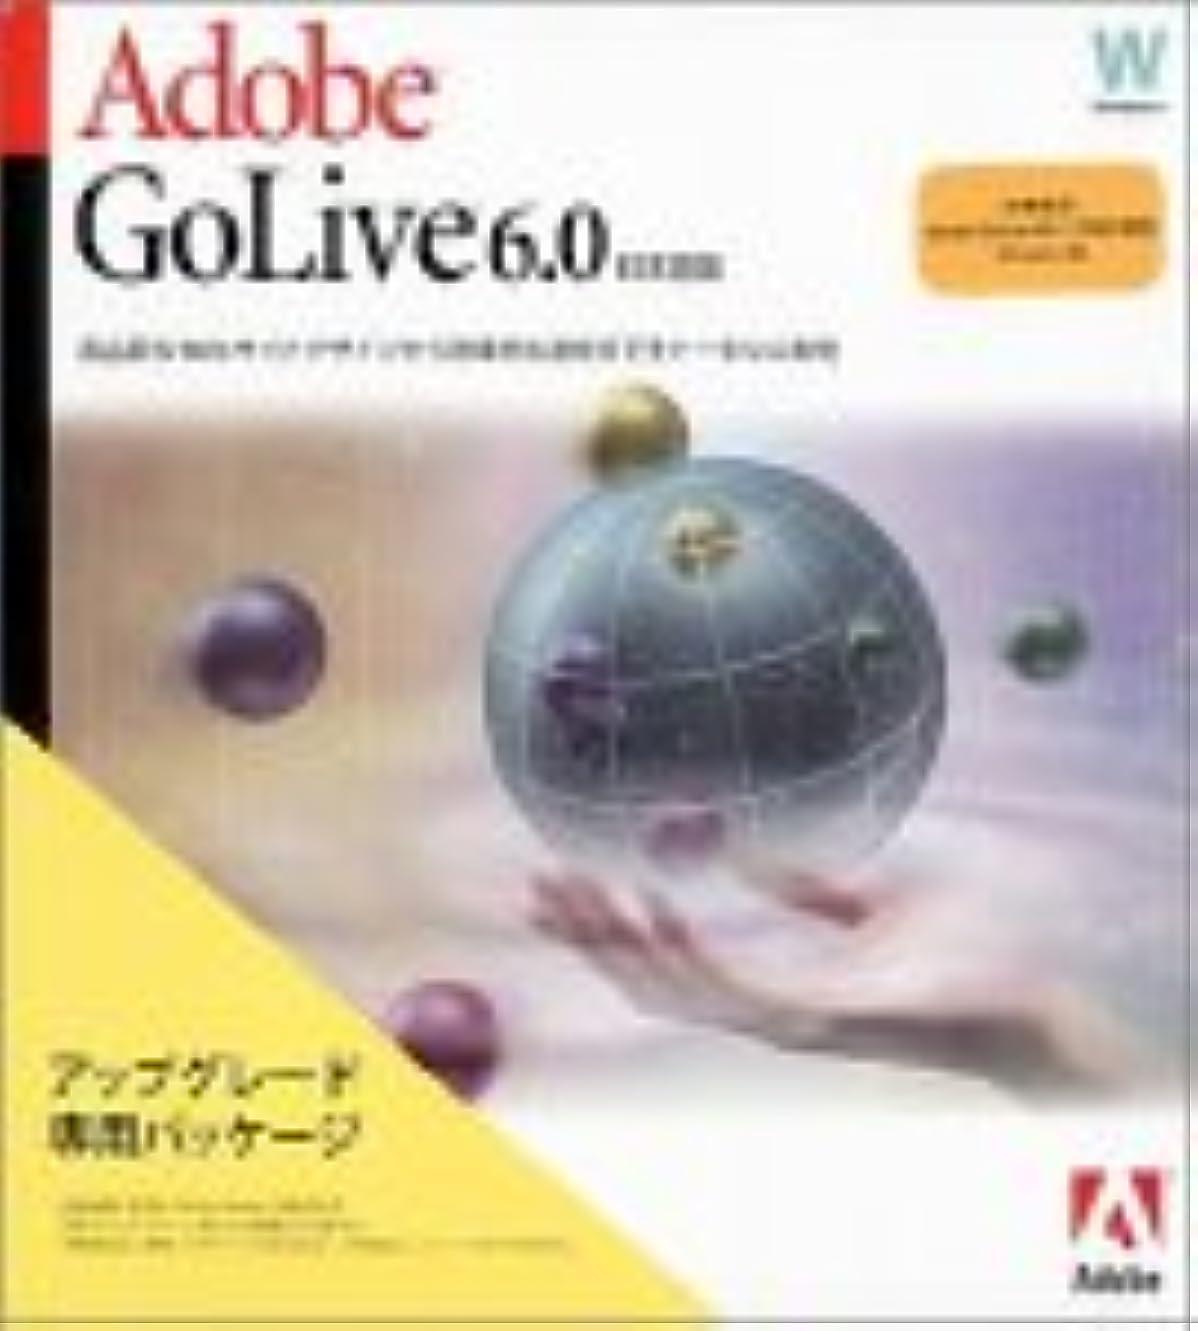 有効なポルティコ孤独Adobe GoLive 6.0 日本語版 Windows版 アップグレード版